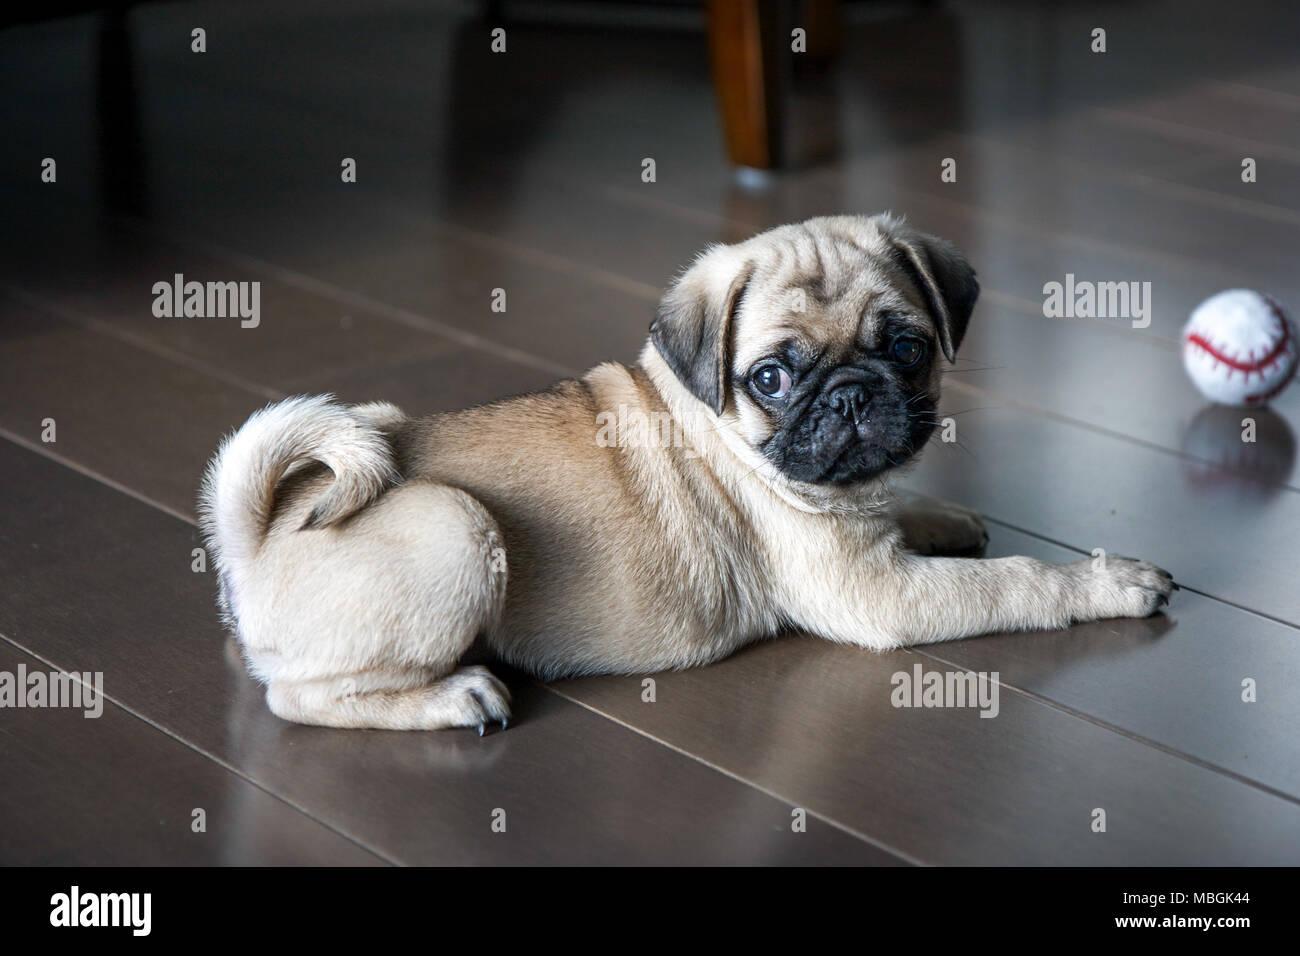 Chiot Pug jouant sur le plancher Photo Stock